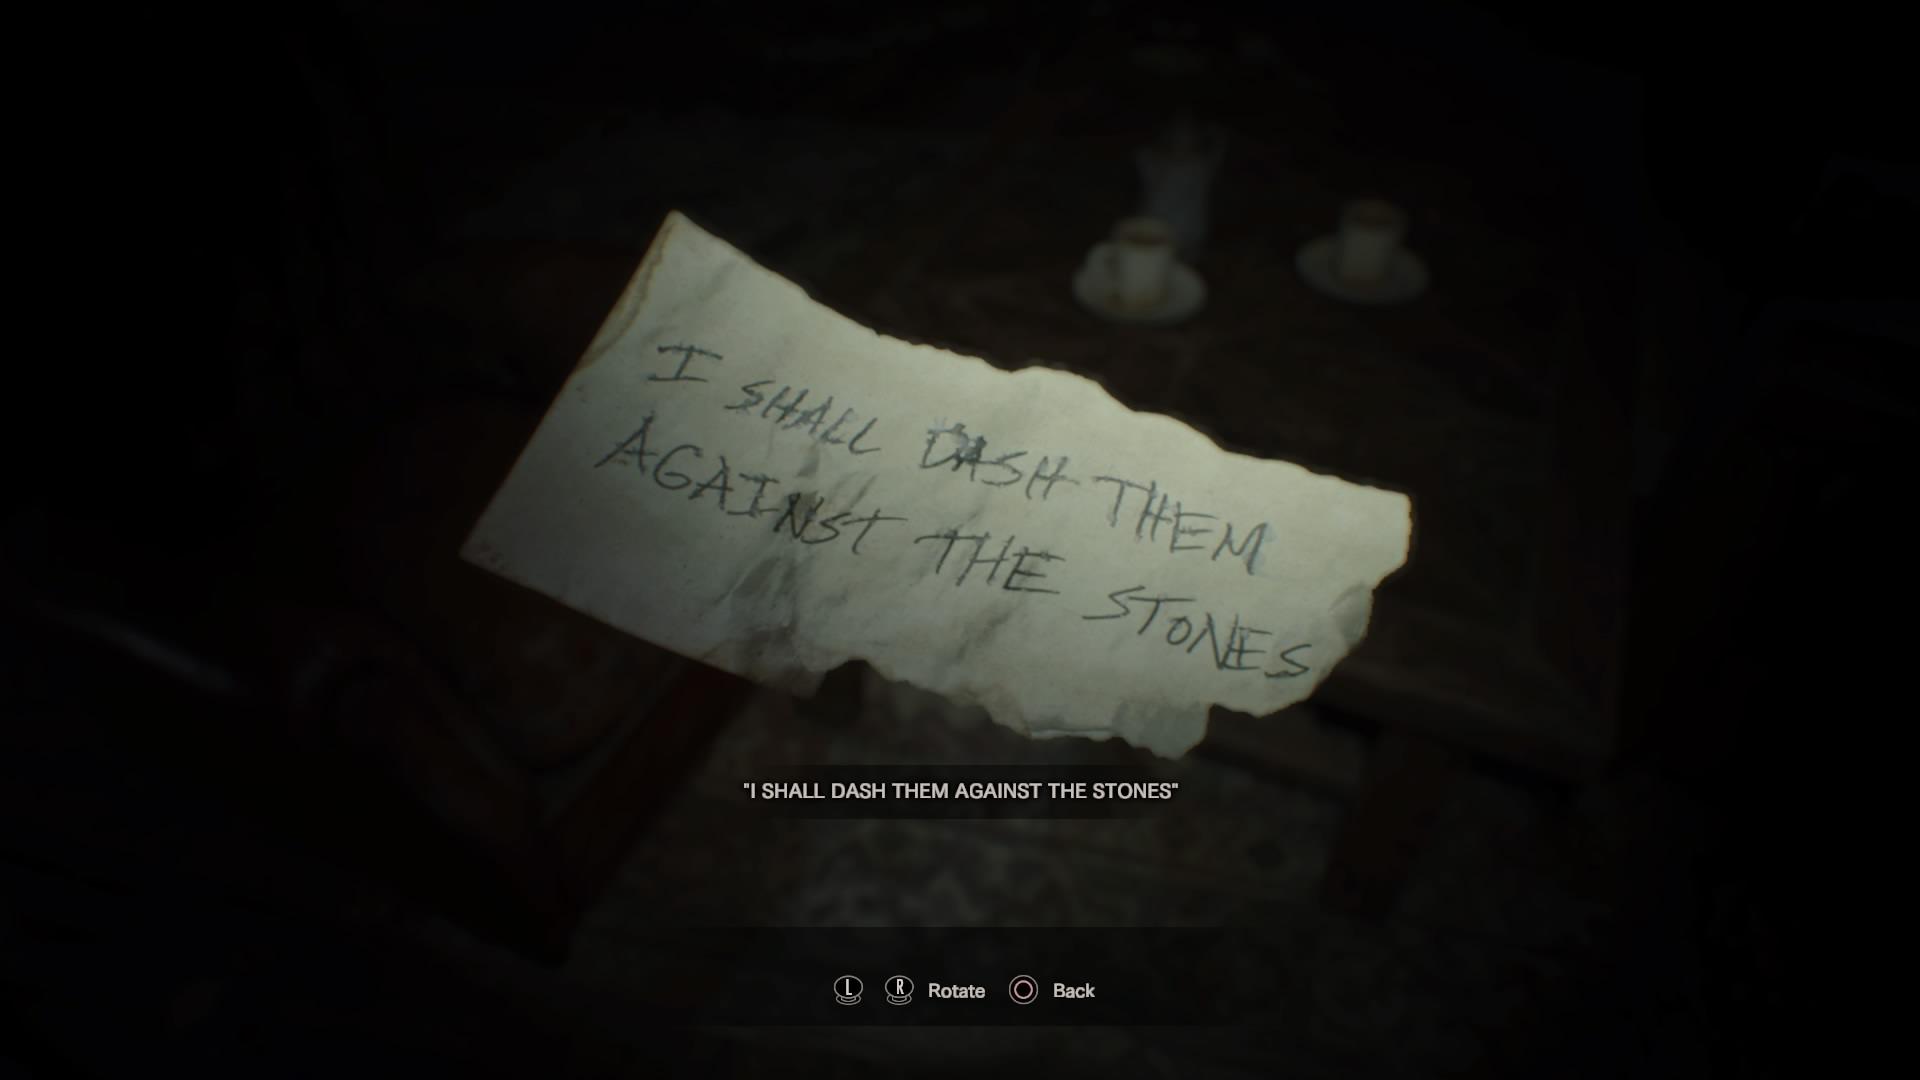 Creepy note